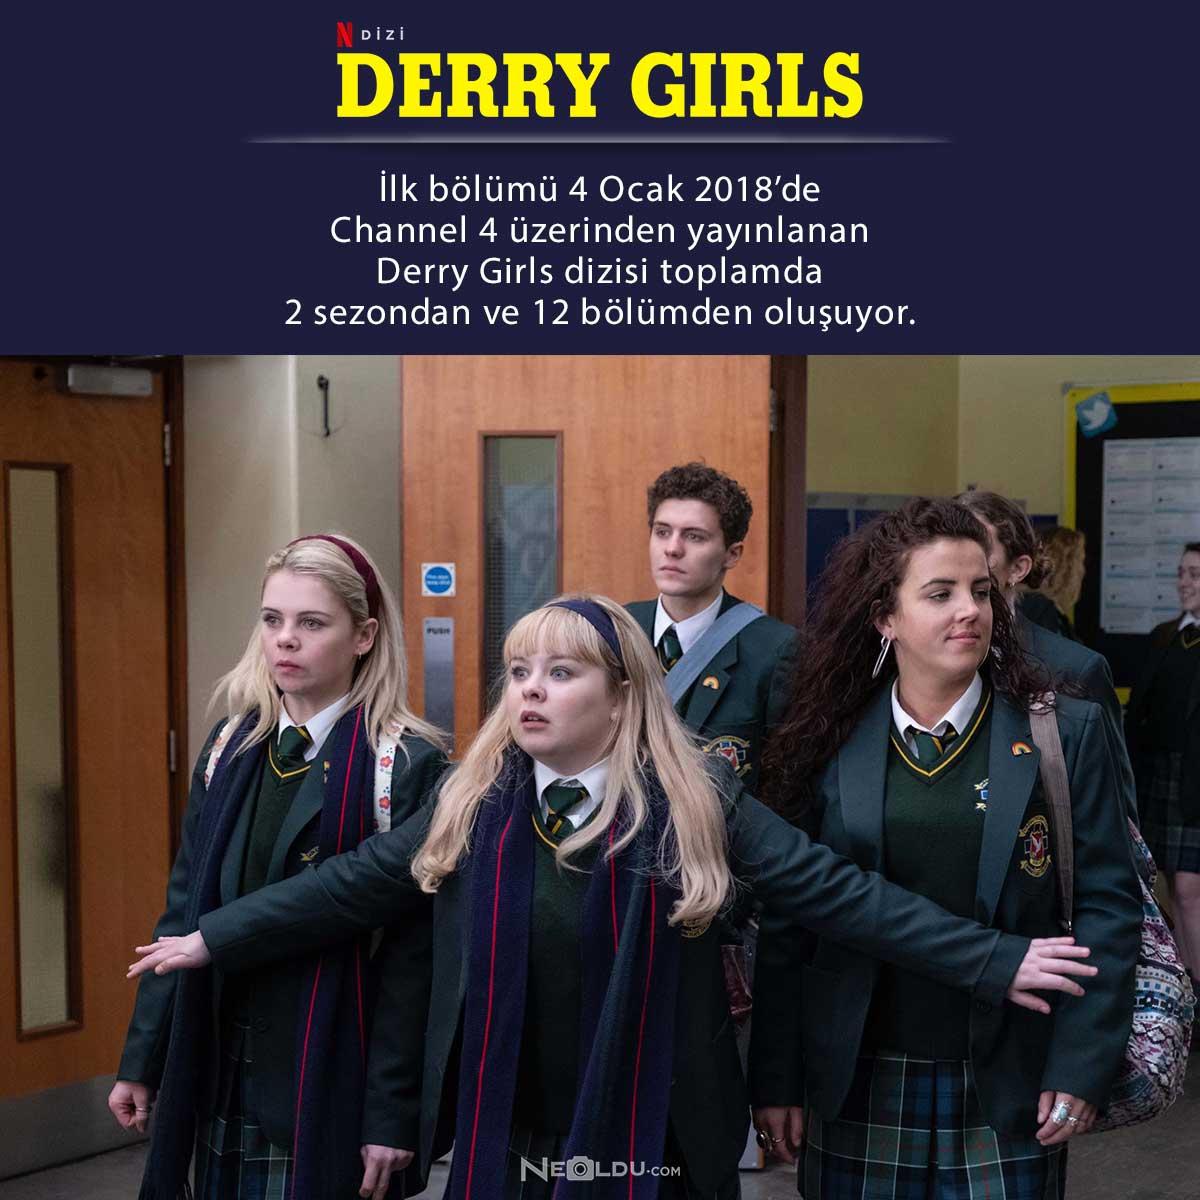 derry-girls-dizisi-hakkinda.jpg